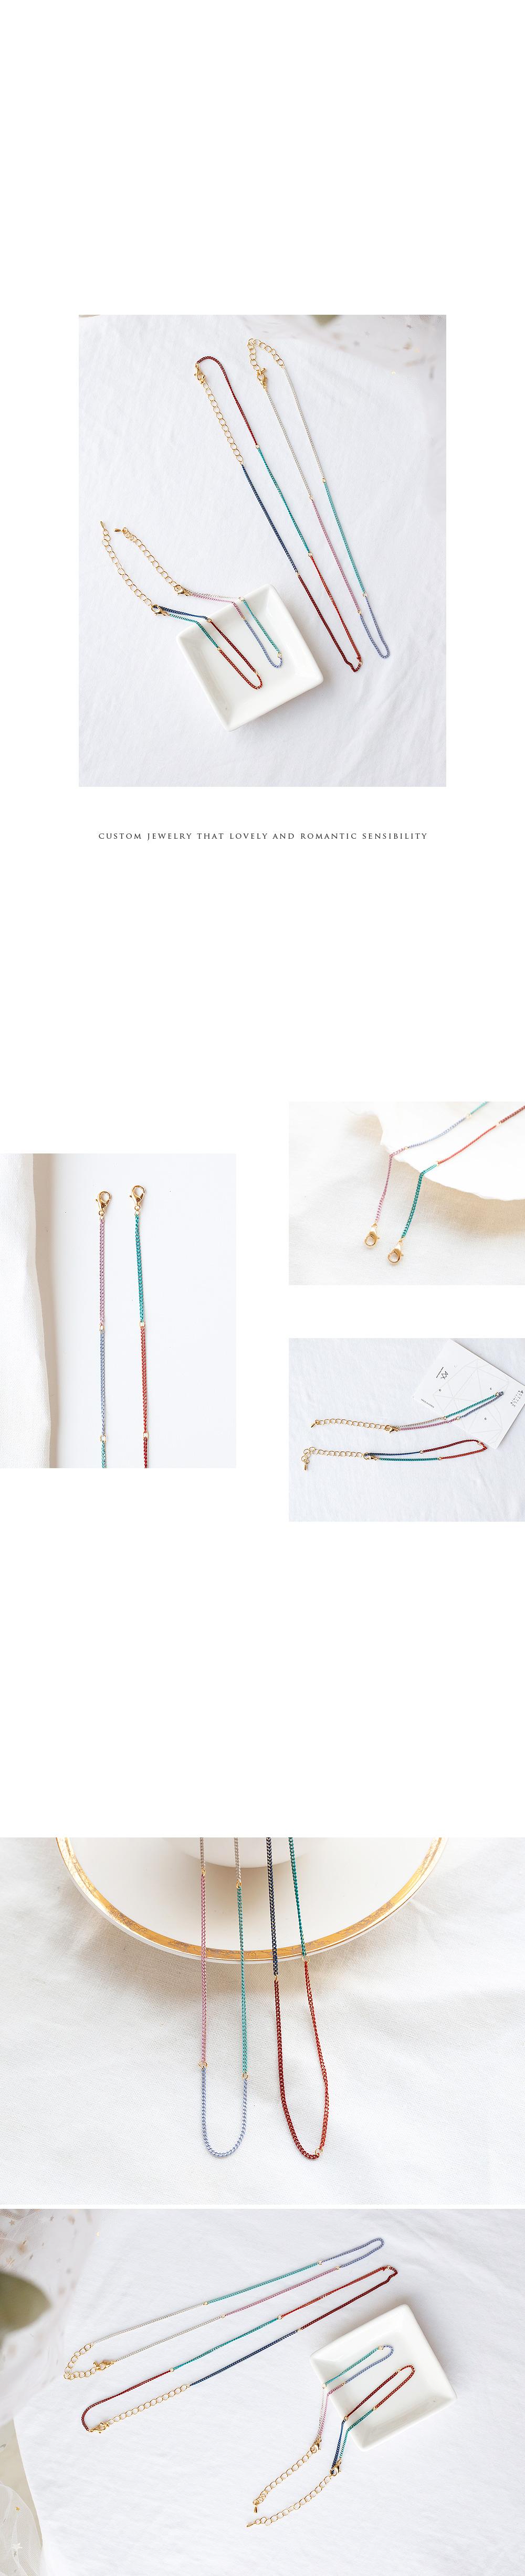 알롱달롱 체인 목걸이 - 폭스타일글로벌주식회사, 8,000원, 패션, 패션목걸이